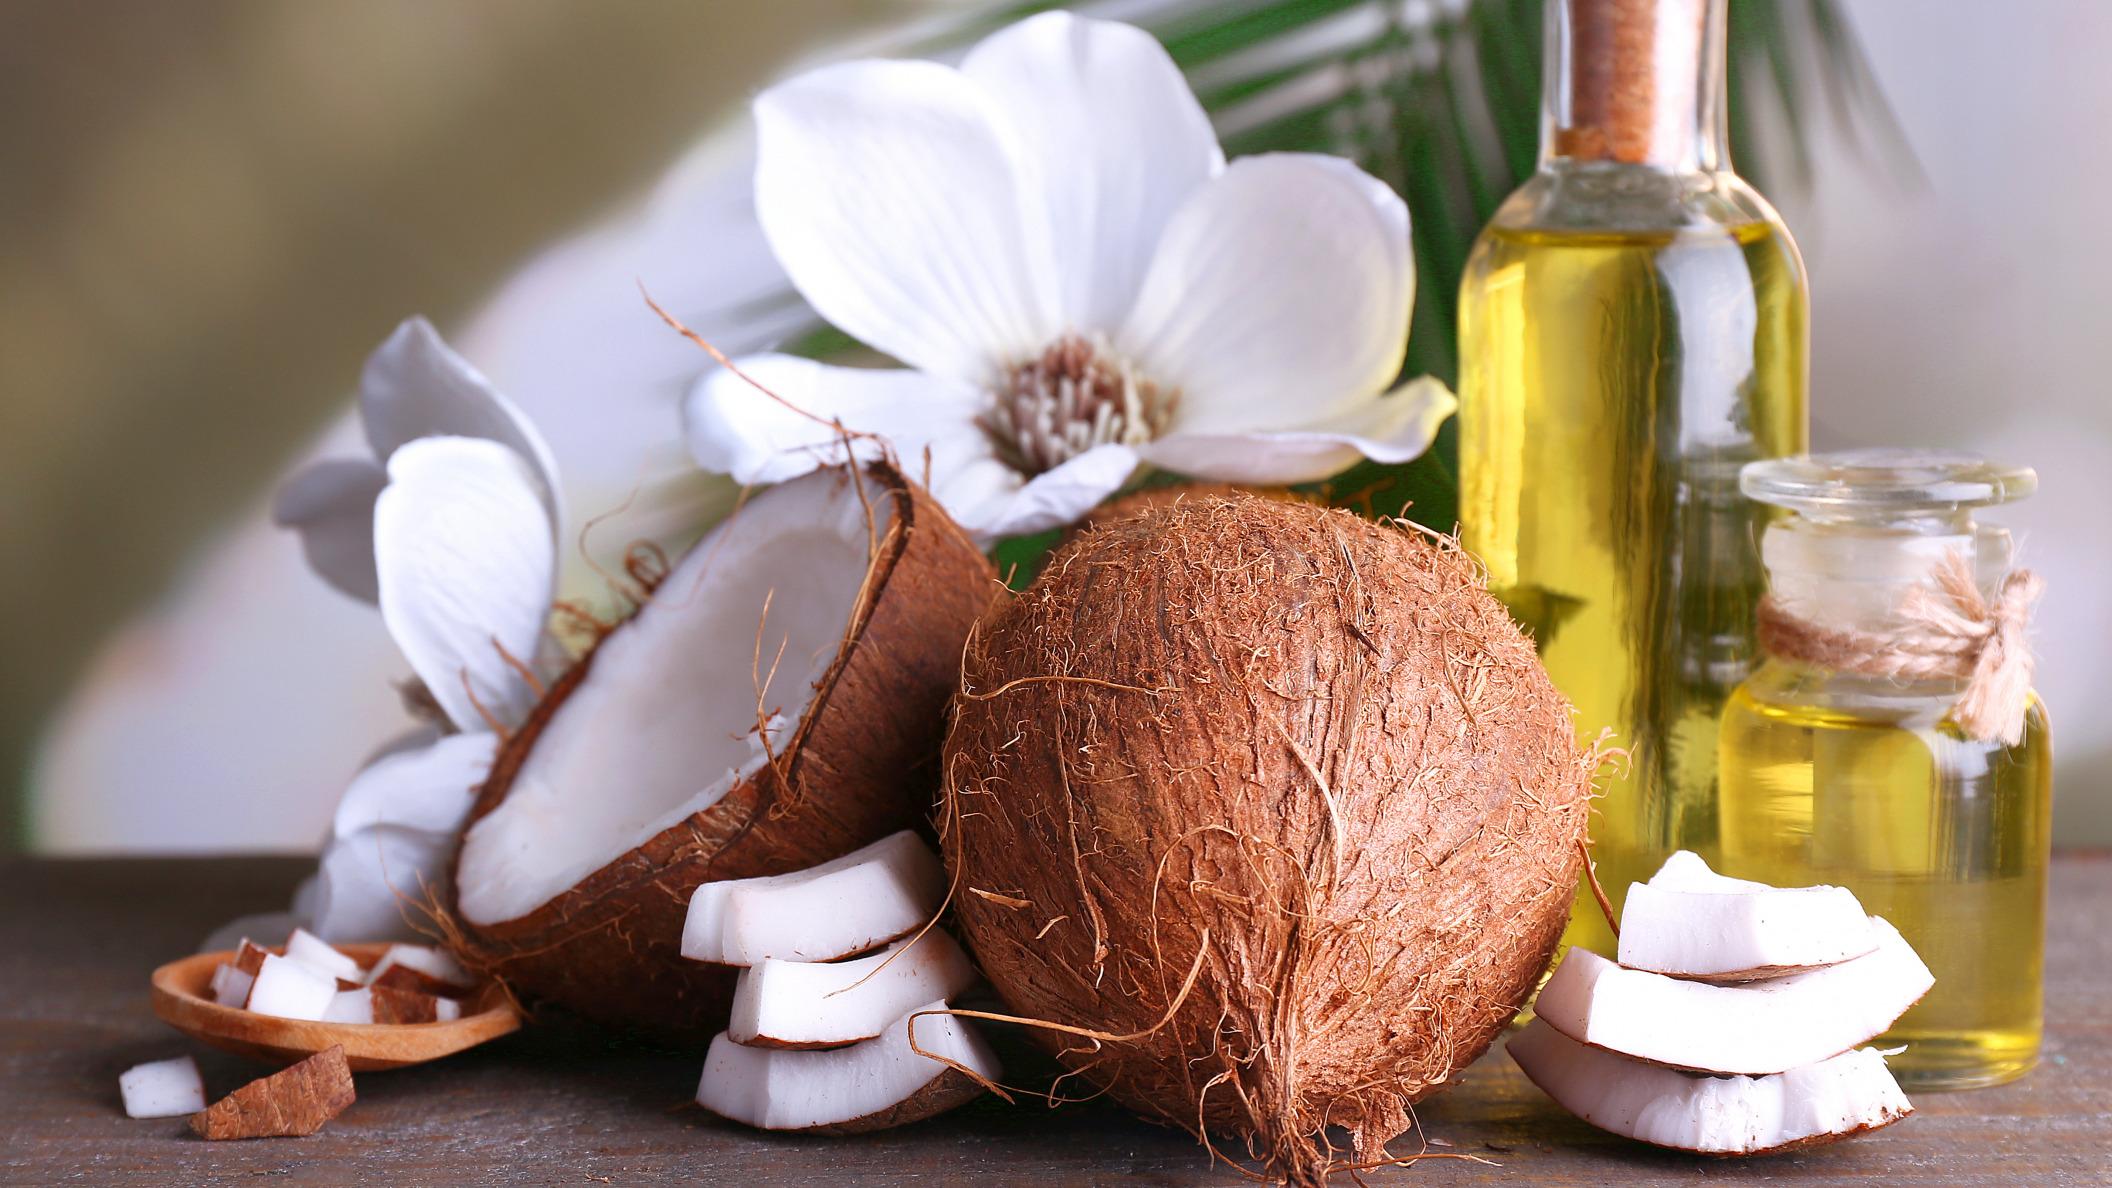 Вся сила и польза кокосового масла: 5 основных сфер применения